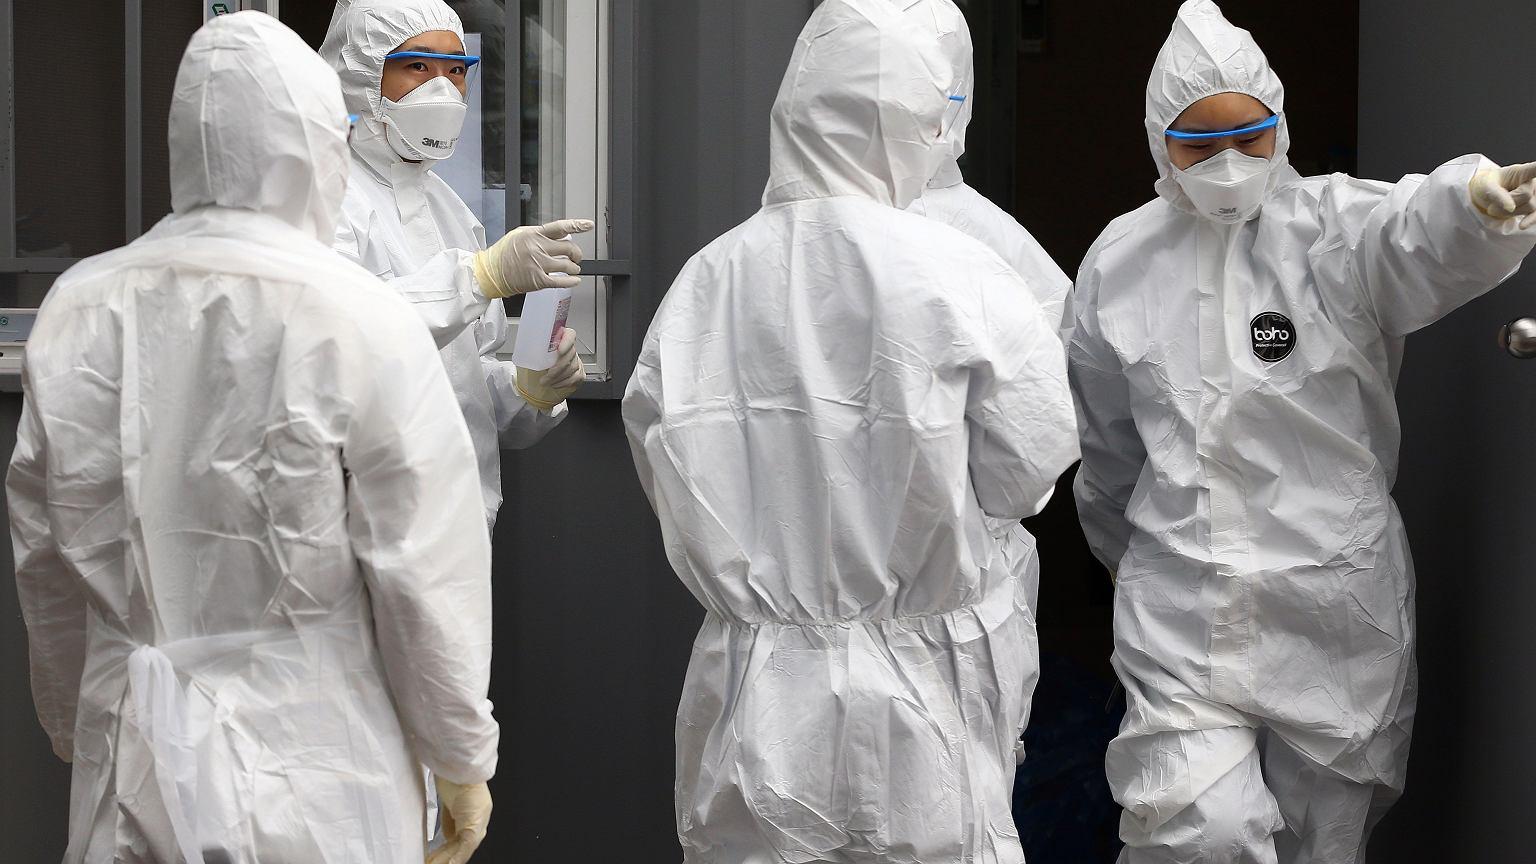 Dlaczego nie mówi się o pandemii choroby, którą wywołuje koronawirus? Panika to jedno, ale są inne obawy